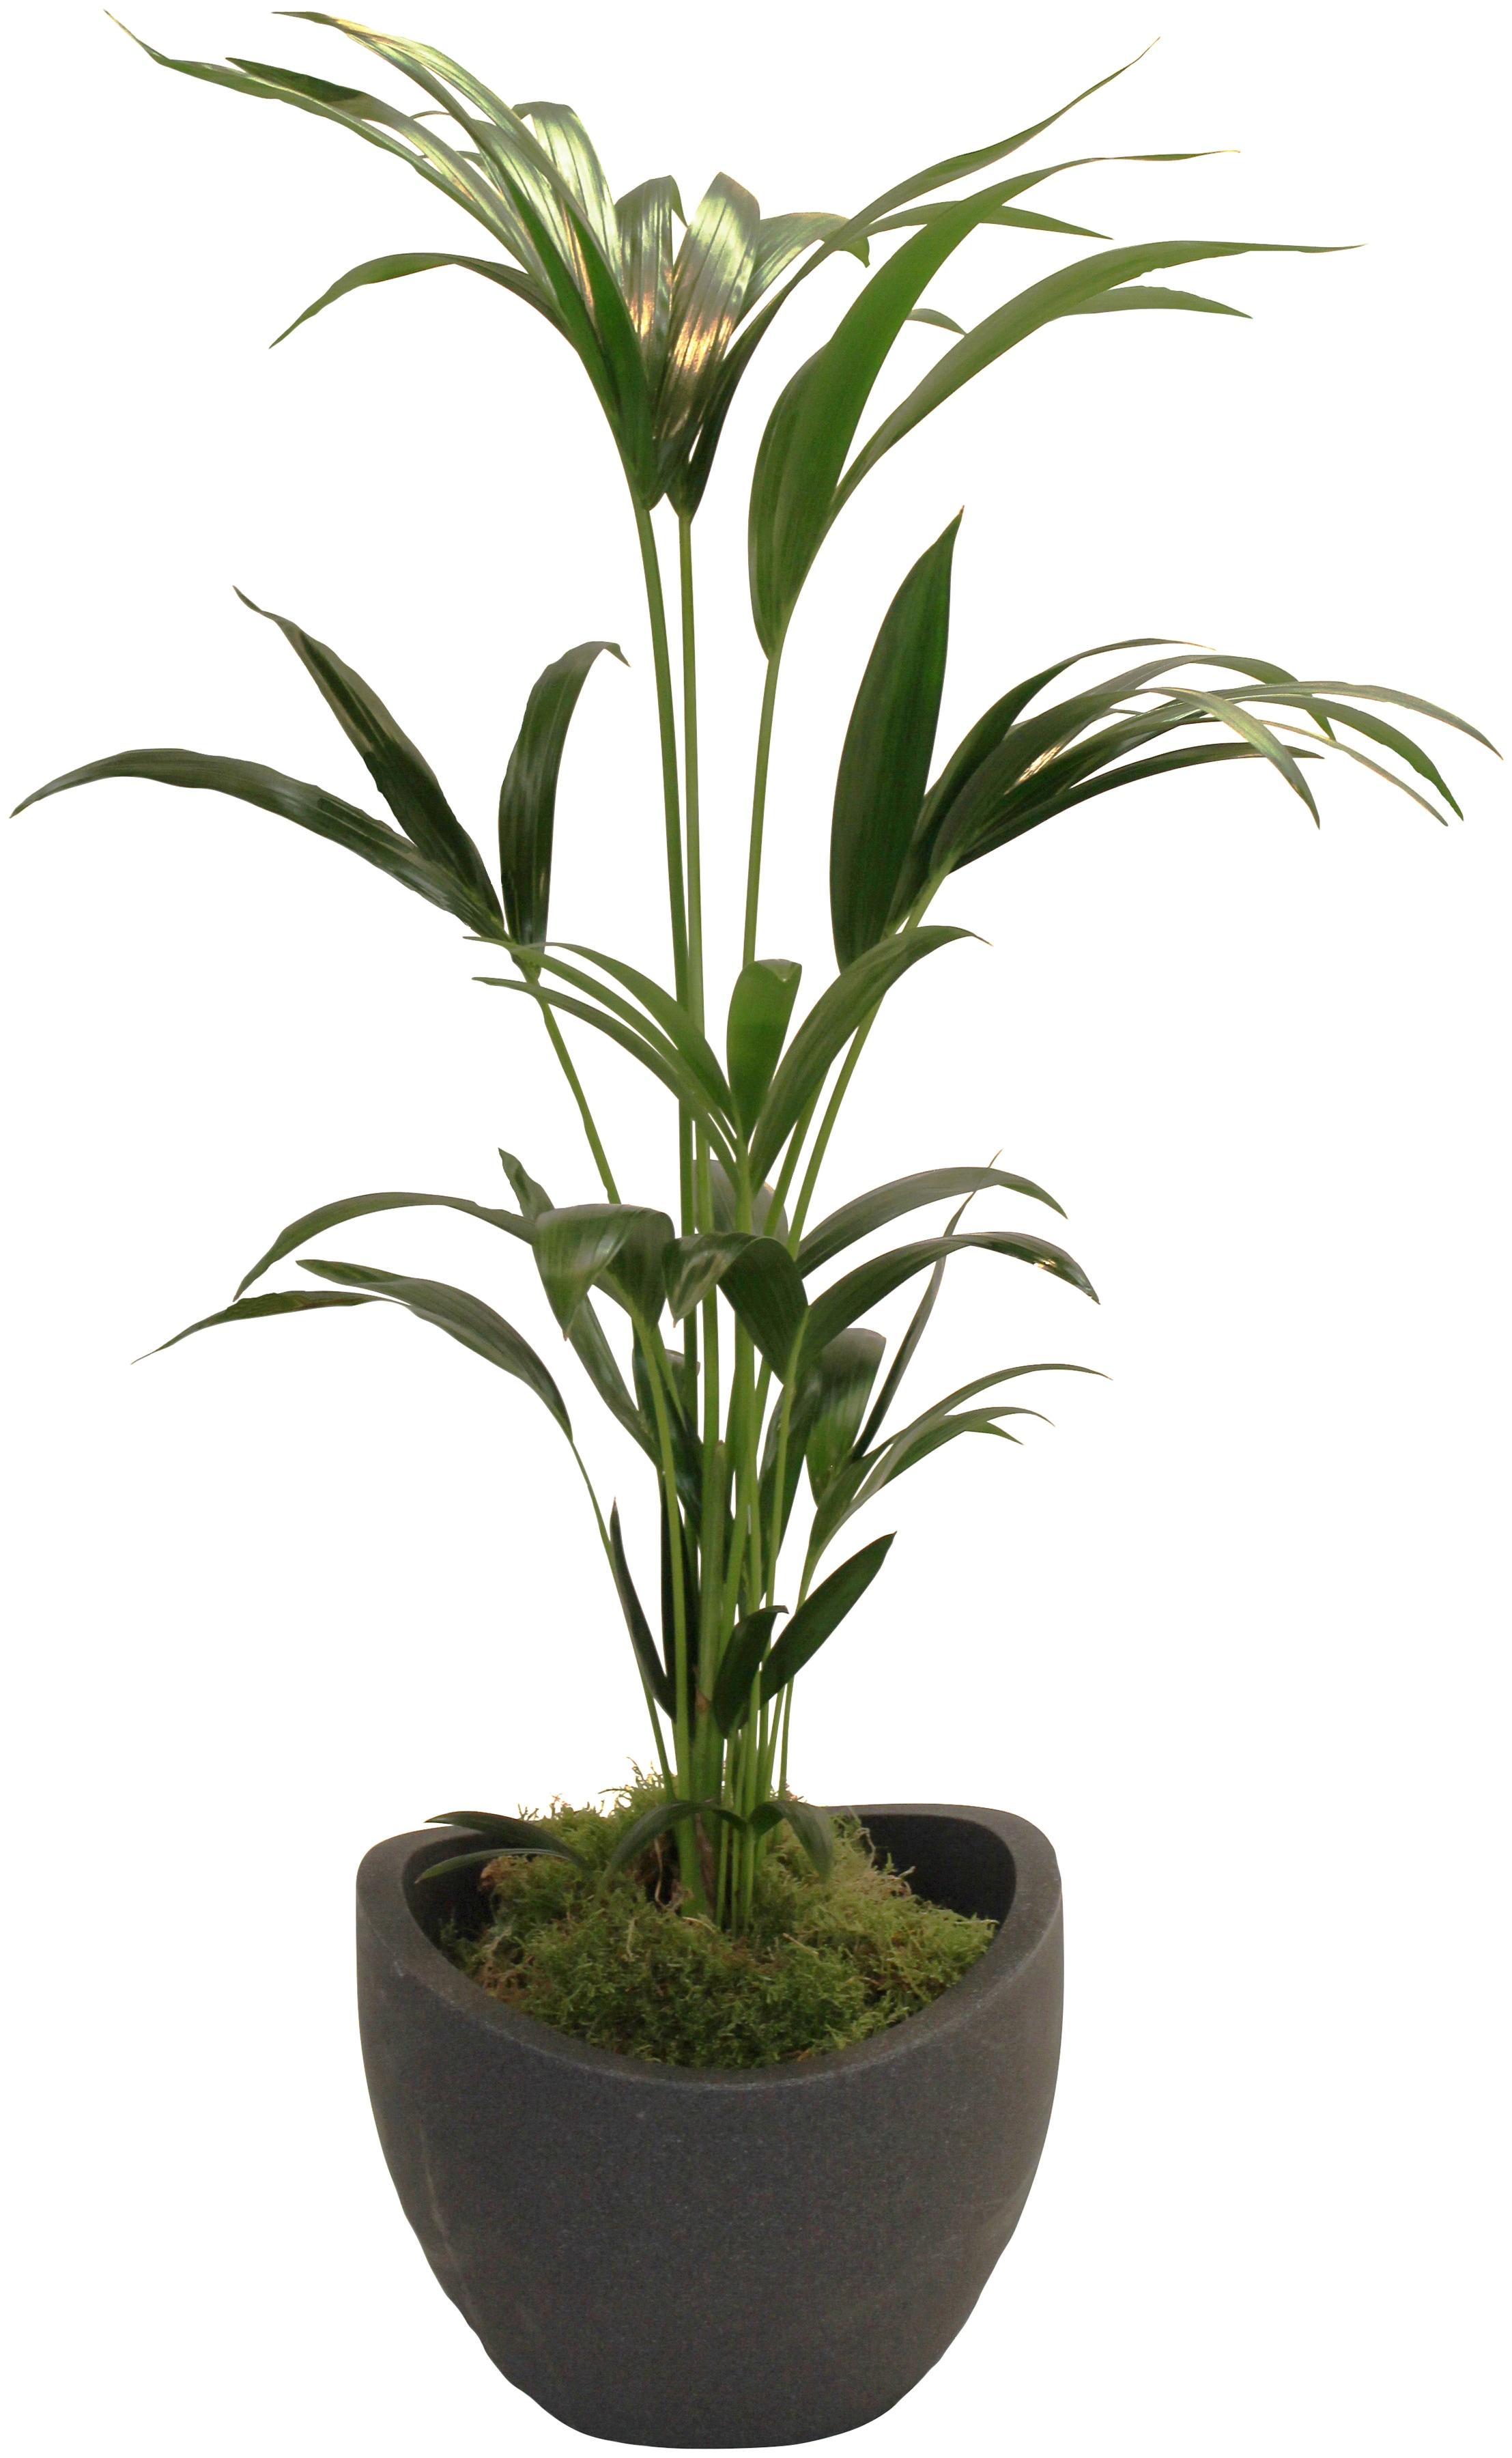 DOMINIK Zimmerpflanze »Kentia-Palme«, Höhe: 60 cm, 1 Pflanze im Dekotopf  günstig | BAUR